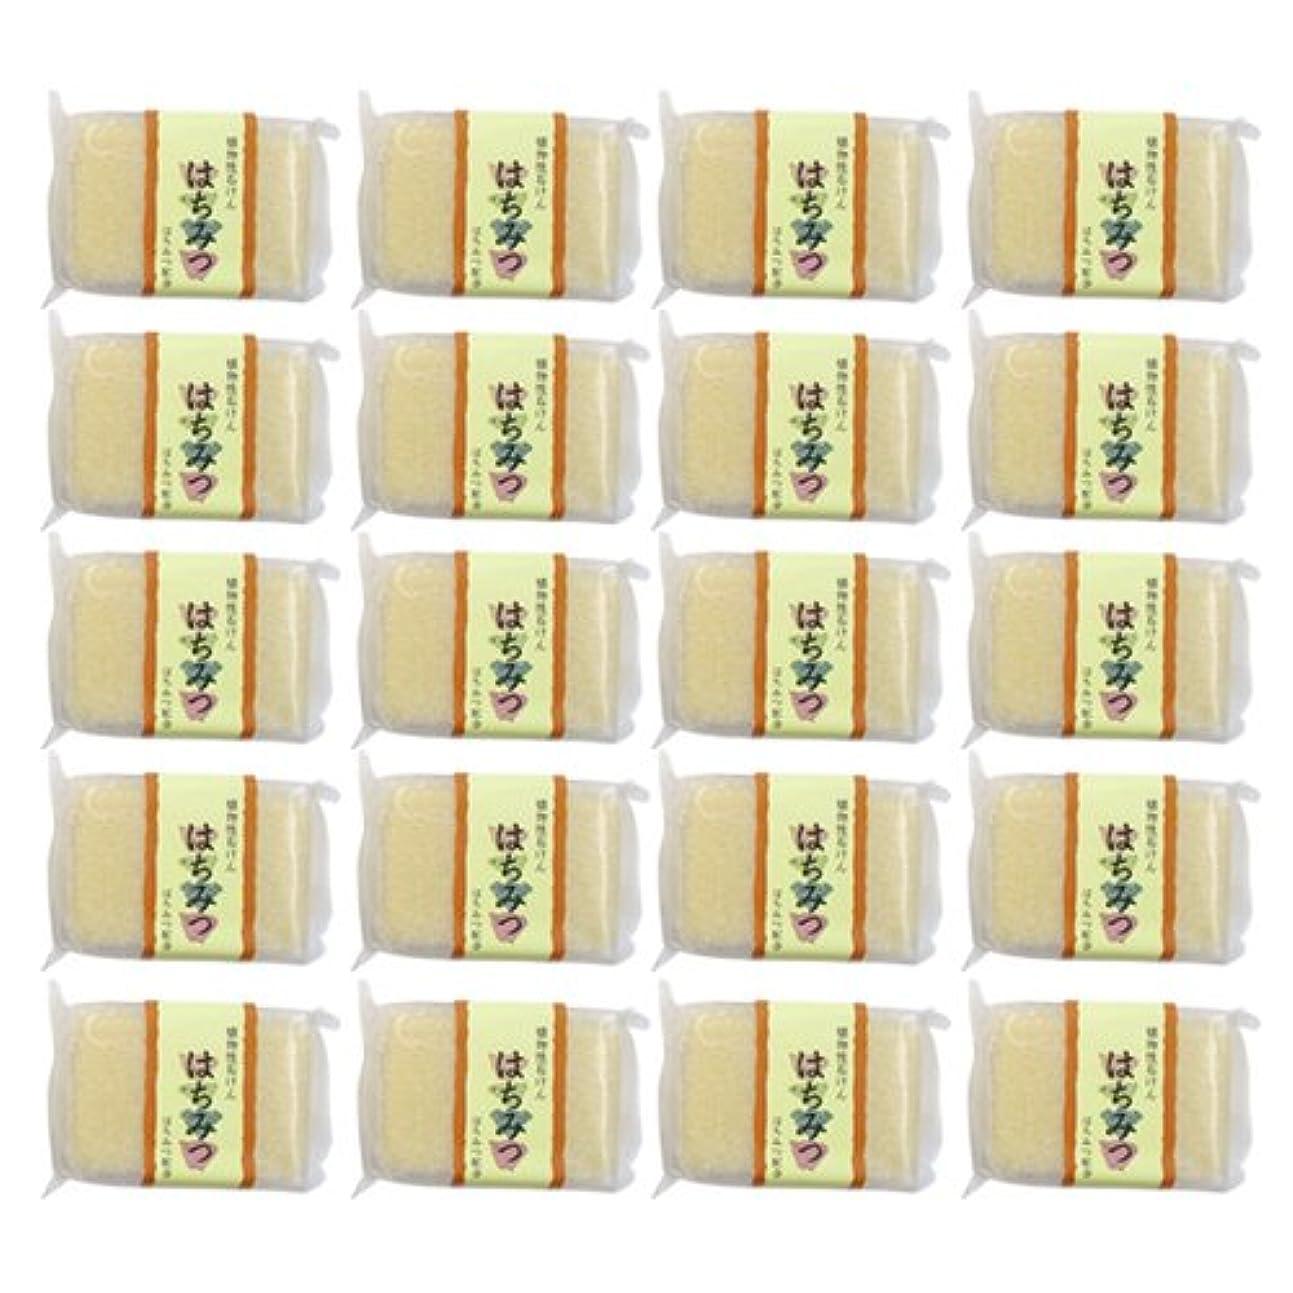 比較的毎月守る植物性ソープ 自然石けん はちみつ 80g×20個セット